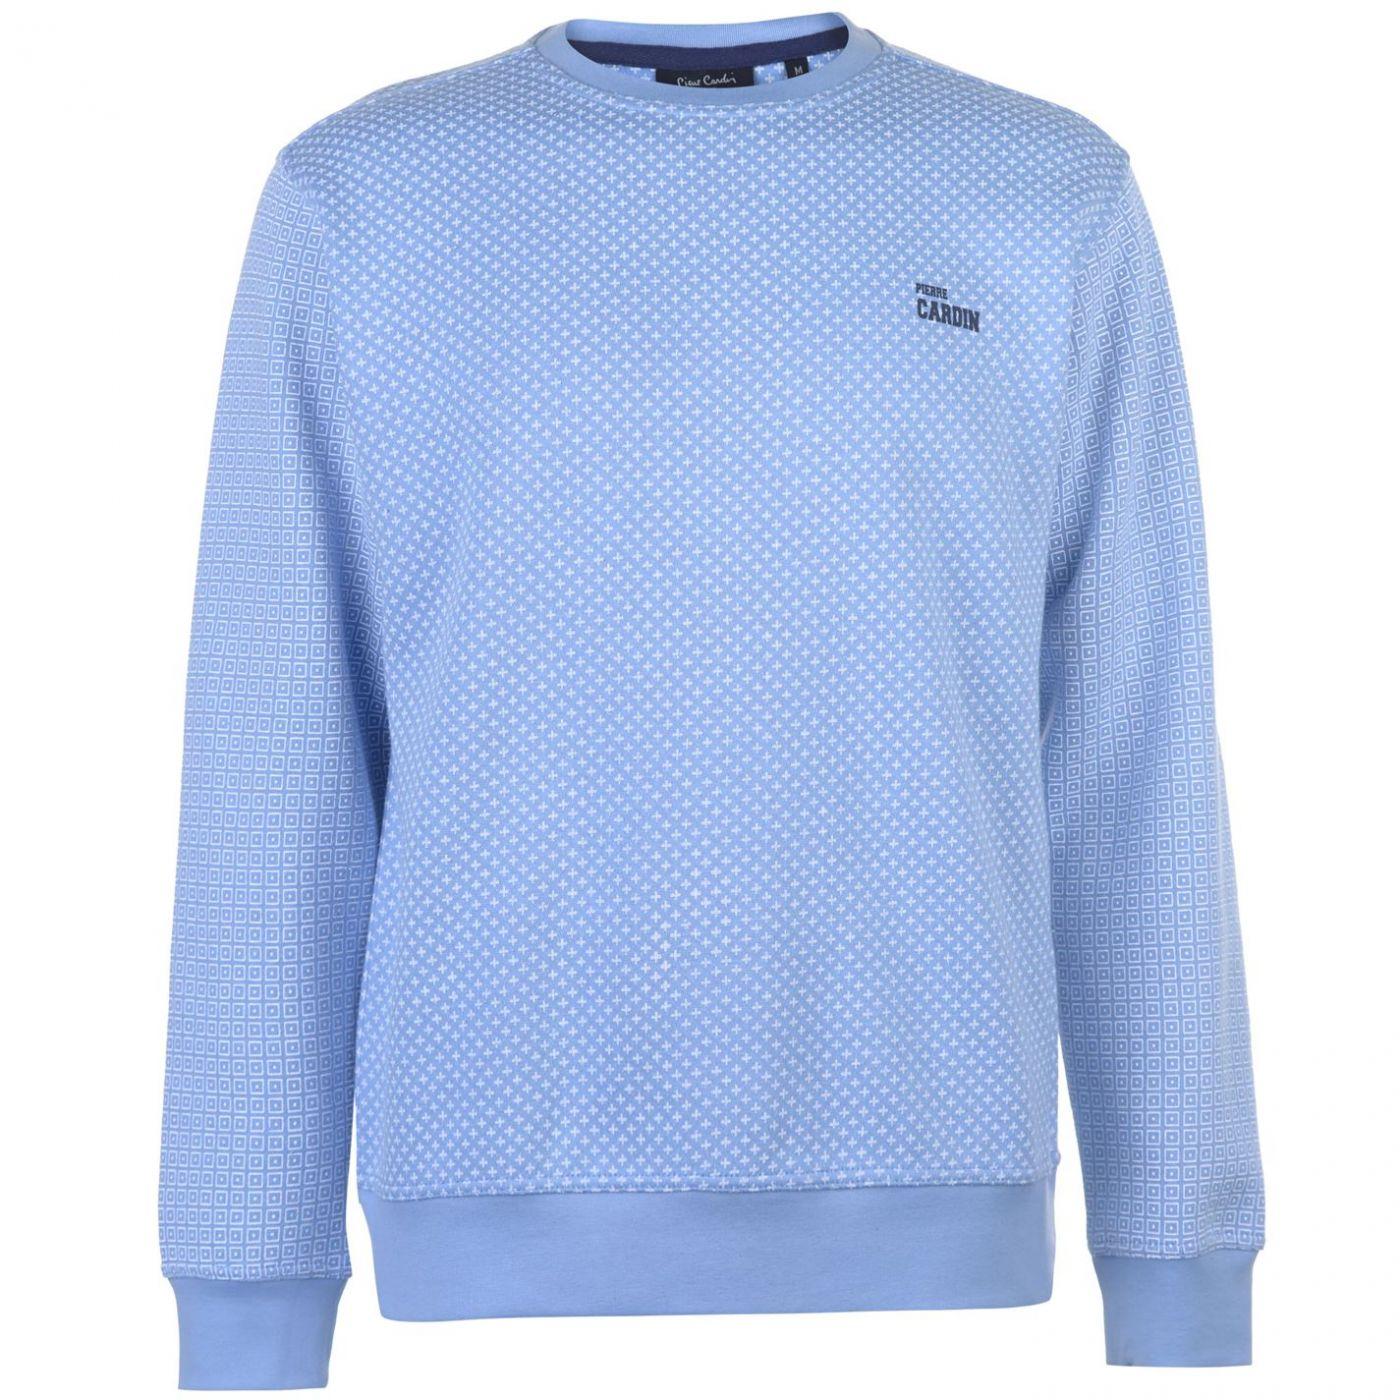 Men's sweatshirt Pierre Cardin Patterned